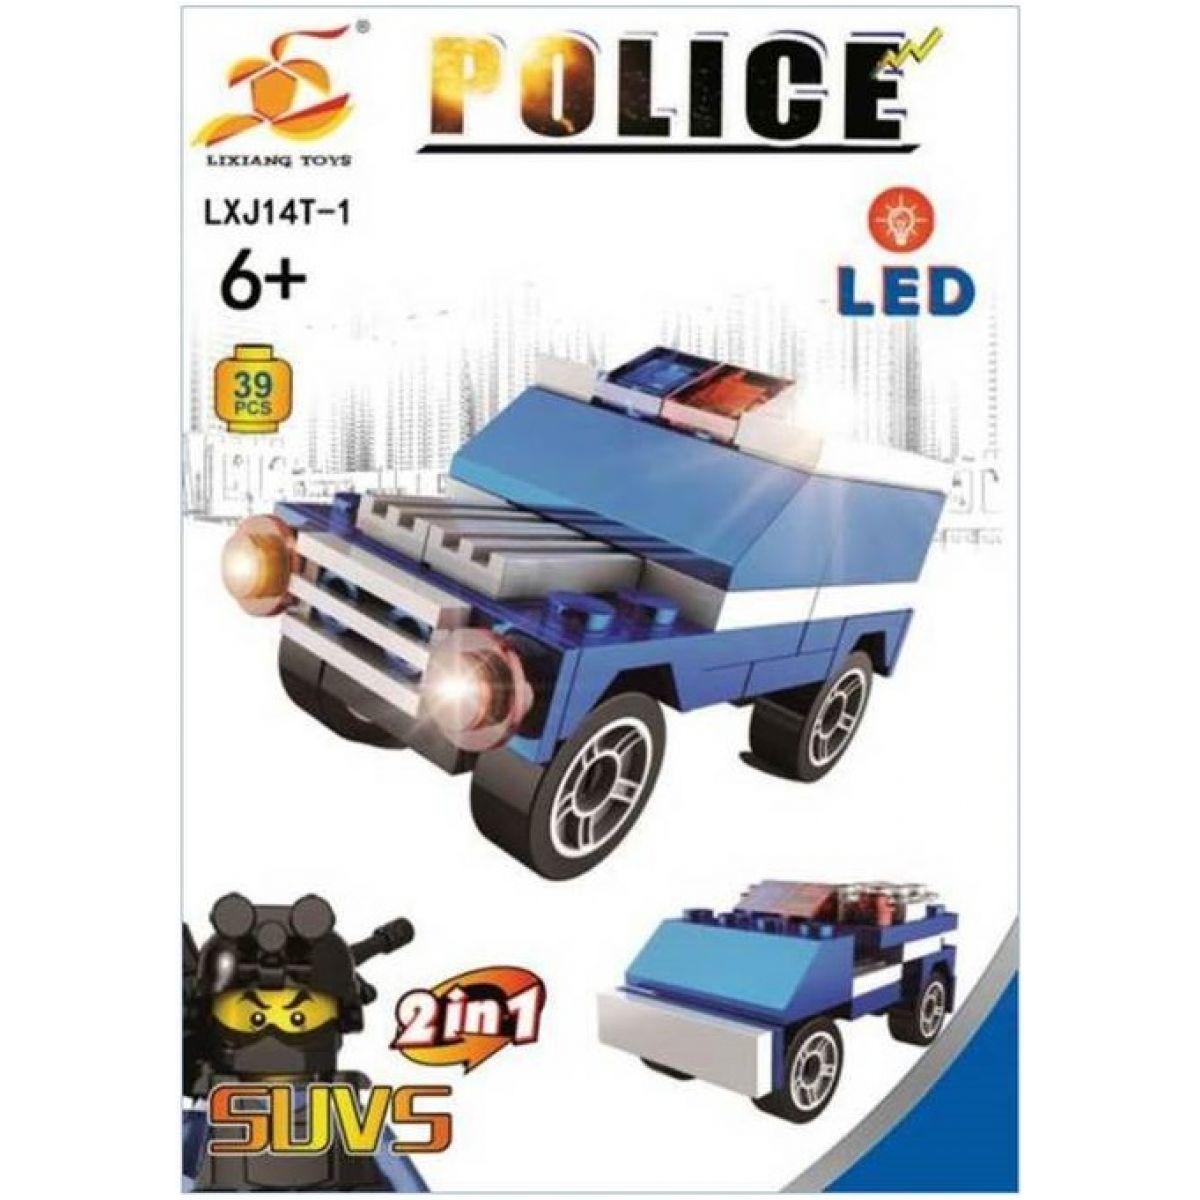 Stavebnice Policie s LED kostkou 2v1 - SUVS